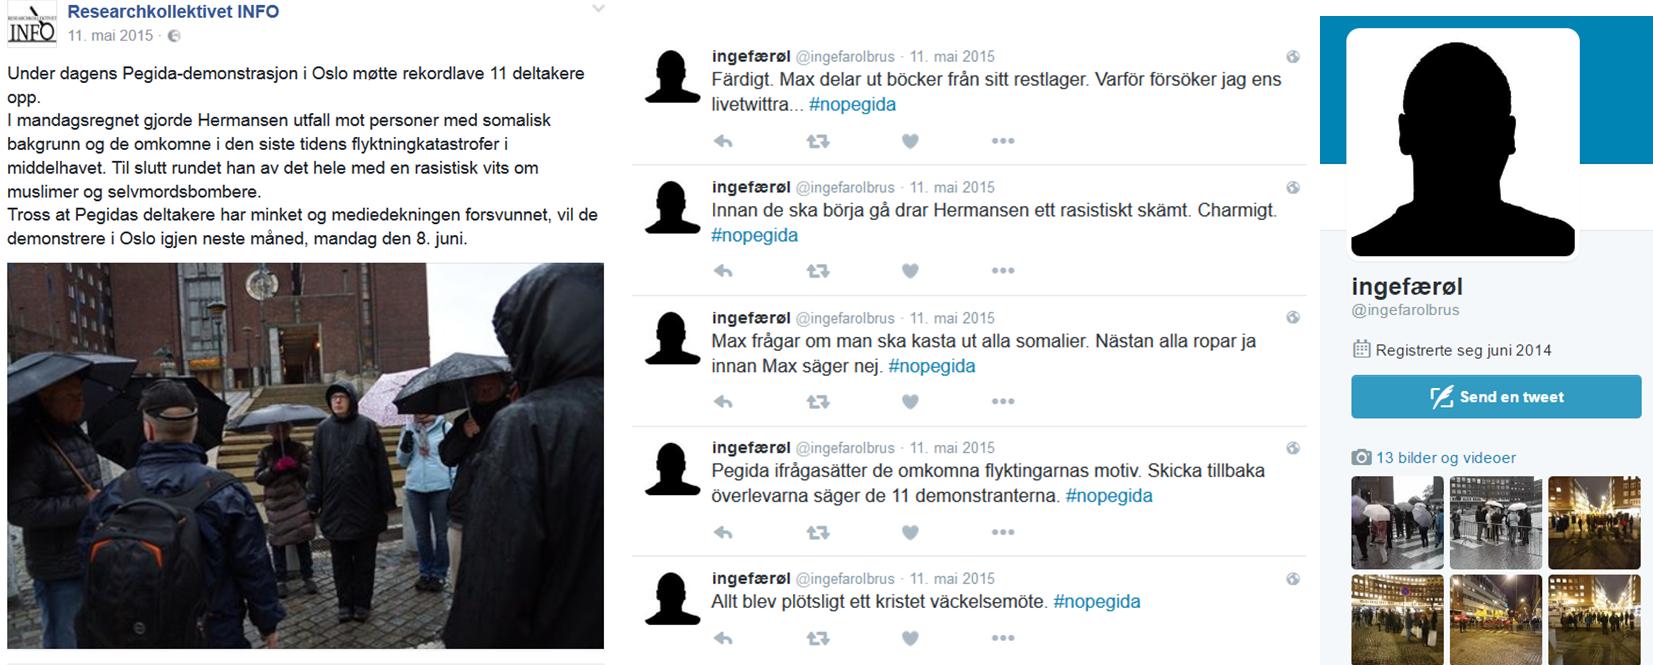 """SNIKFOTOGRAF: Under Twitter-dekknamnet """"Ingefærøl"""" hev Anders Sebastian Leif Karlsson rapportert og lagt ut snikfotografi frå Max Hermansen sine Pegida-demonstrasjonar i Oslo."""